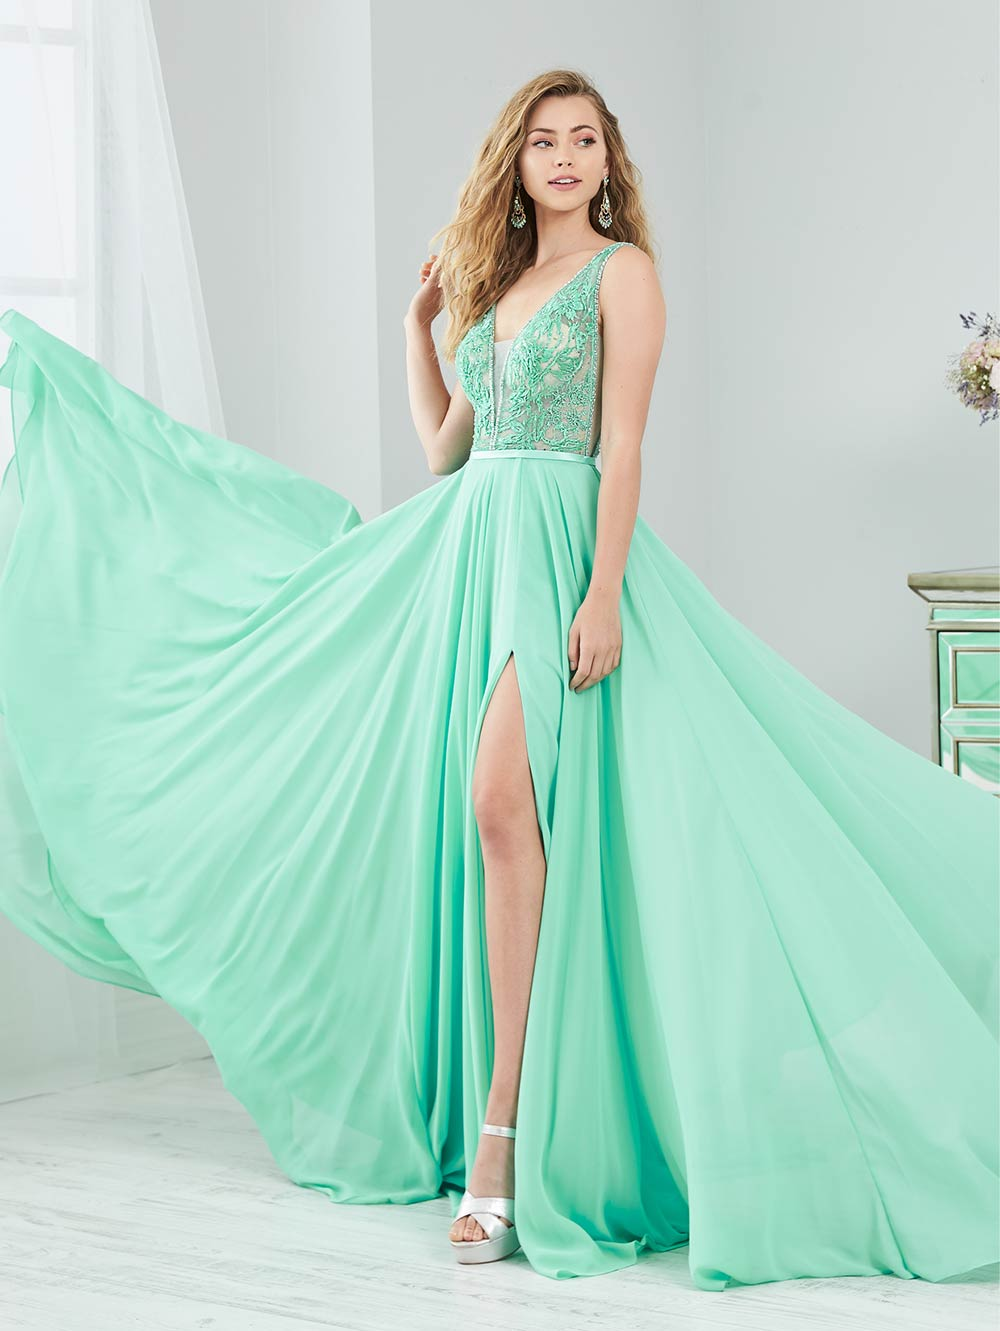 prom-dresses-jacquelin-bridals-canada-27880